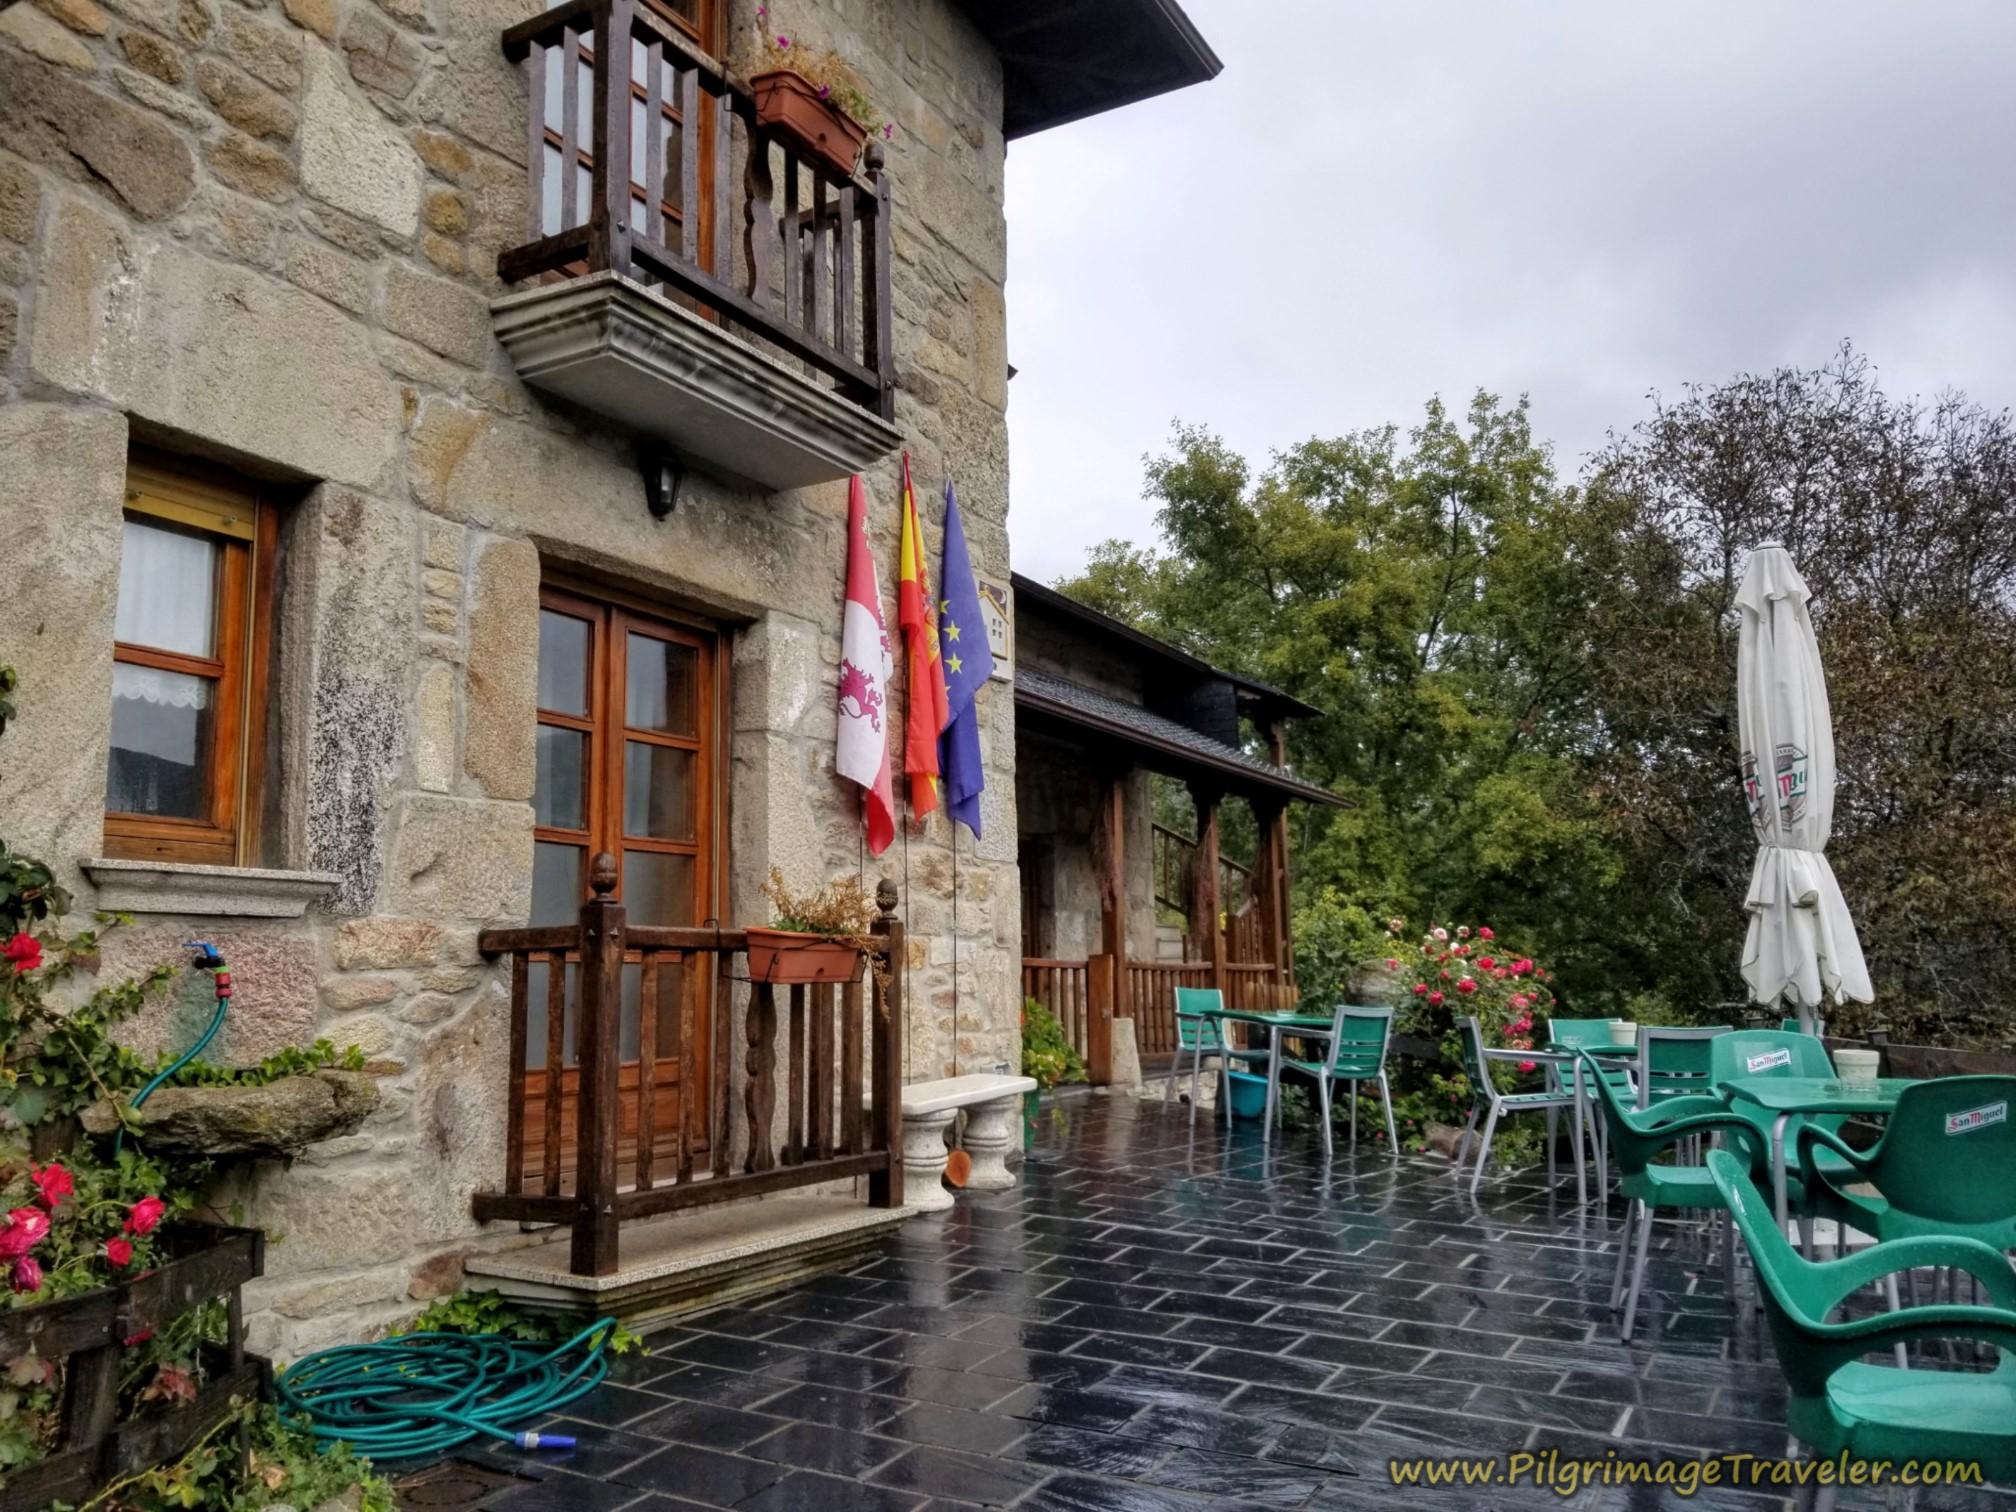 Casa Rural ~ La Casa de Irene on the Camino Sanabrés from Puebla de Sanabria to Lubián